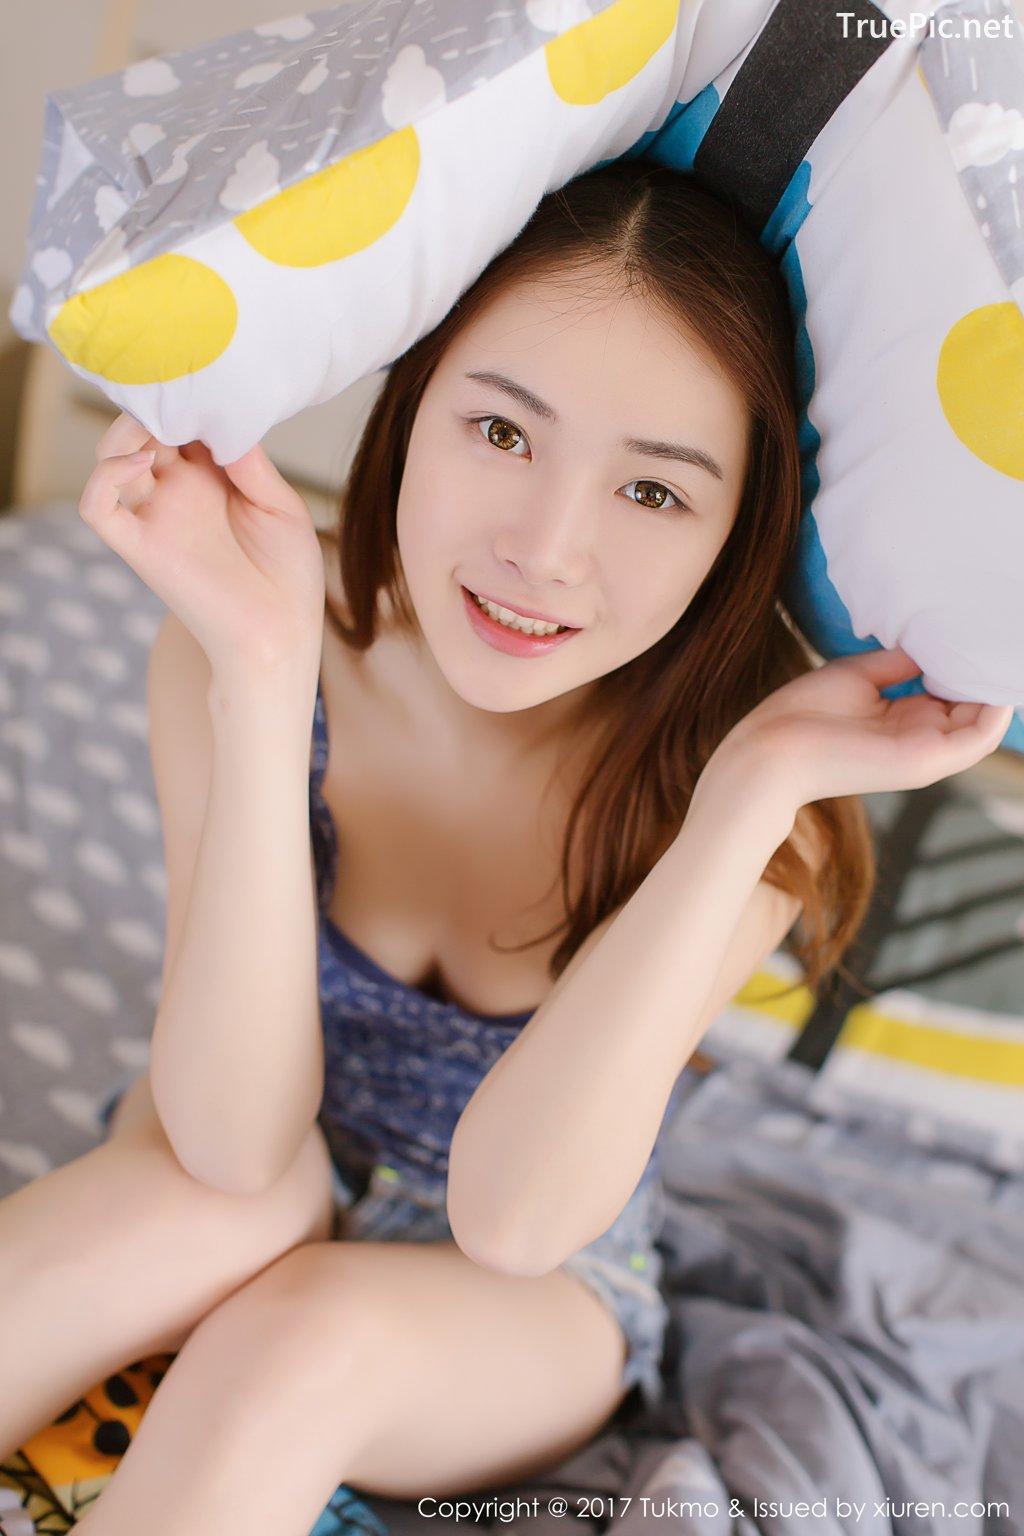 Image-Tukmo-Vol-096-Model-Mian-Mian-绵绵-Cute-Cherry-Girl-TruePic.net- Picture-2